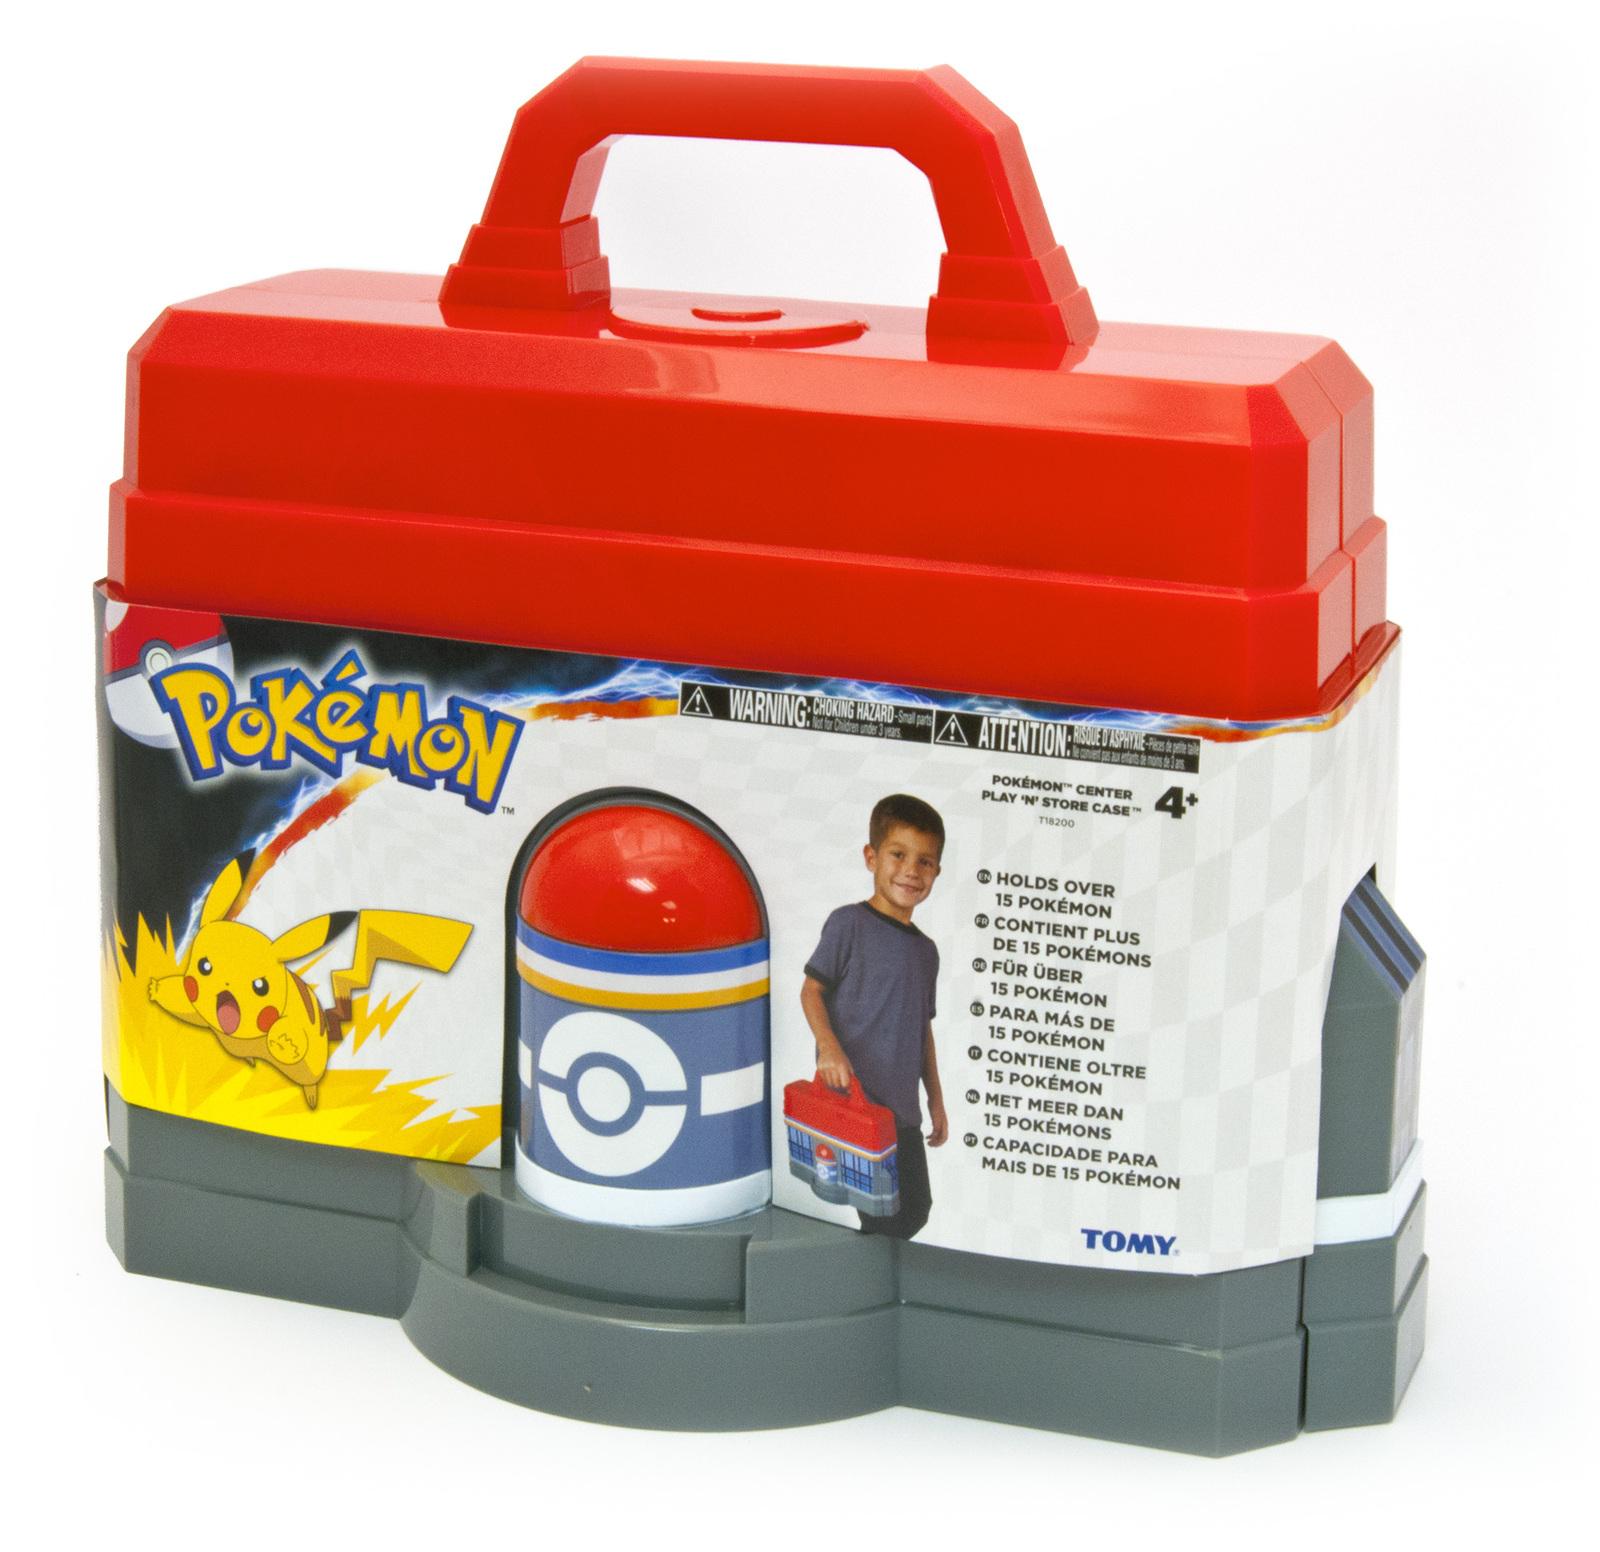 Pokémon Centre - Play 'n Store Case image